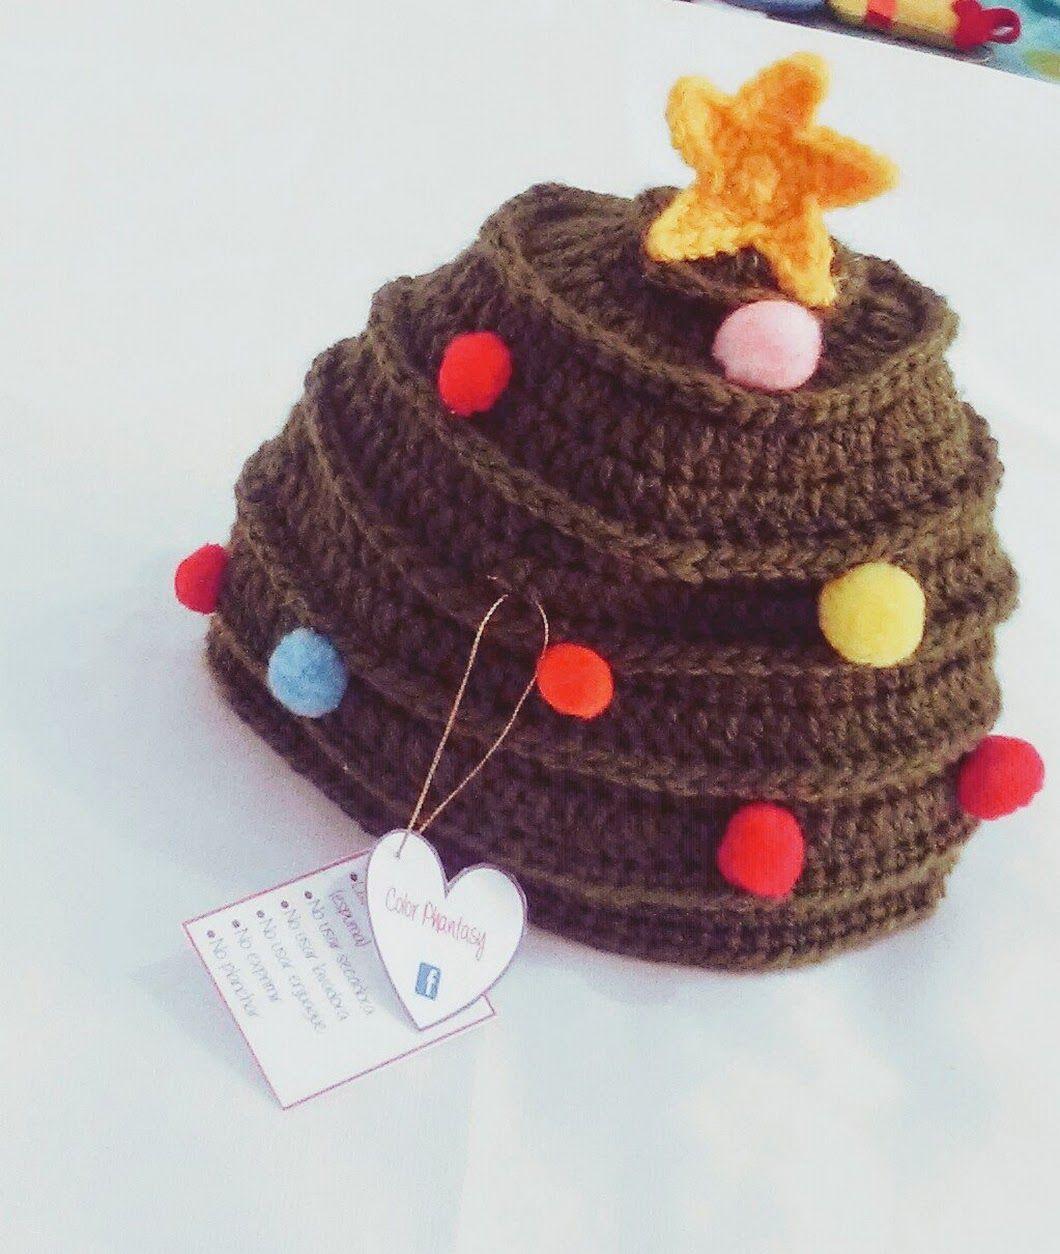 Echa un vistazo al Tweet de @ColorPhantasy: https://twitter.com/ColorPhantasy/status/944767293162229761?s=09 - color phantasy amigurumi y crochet - Google+